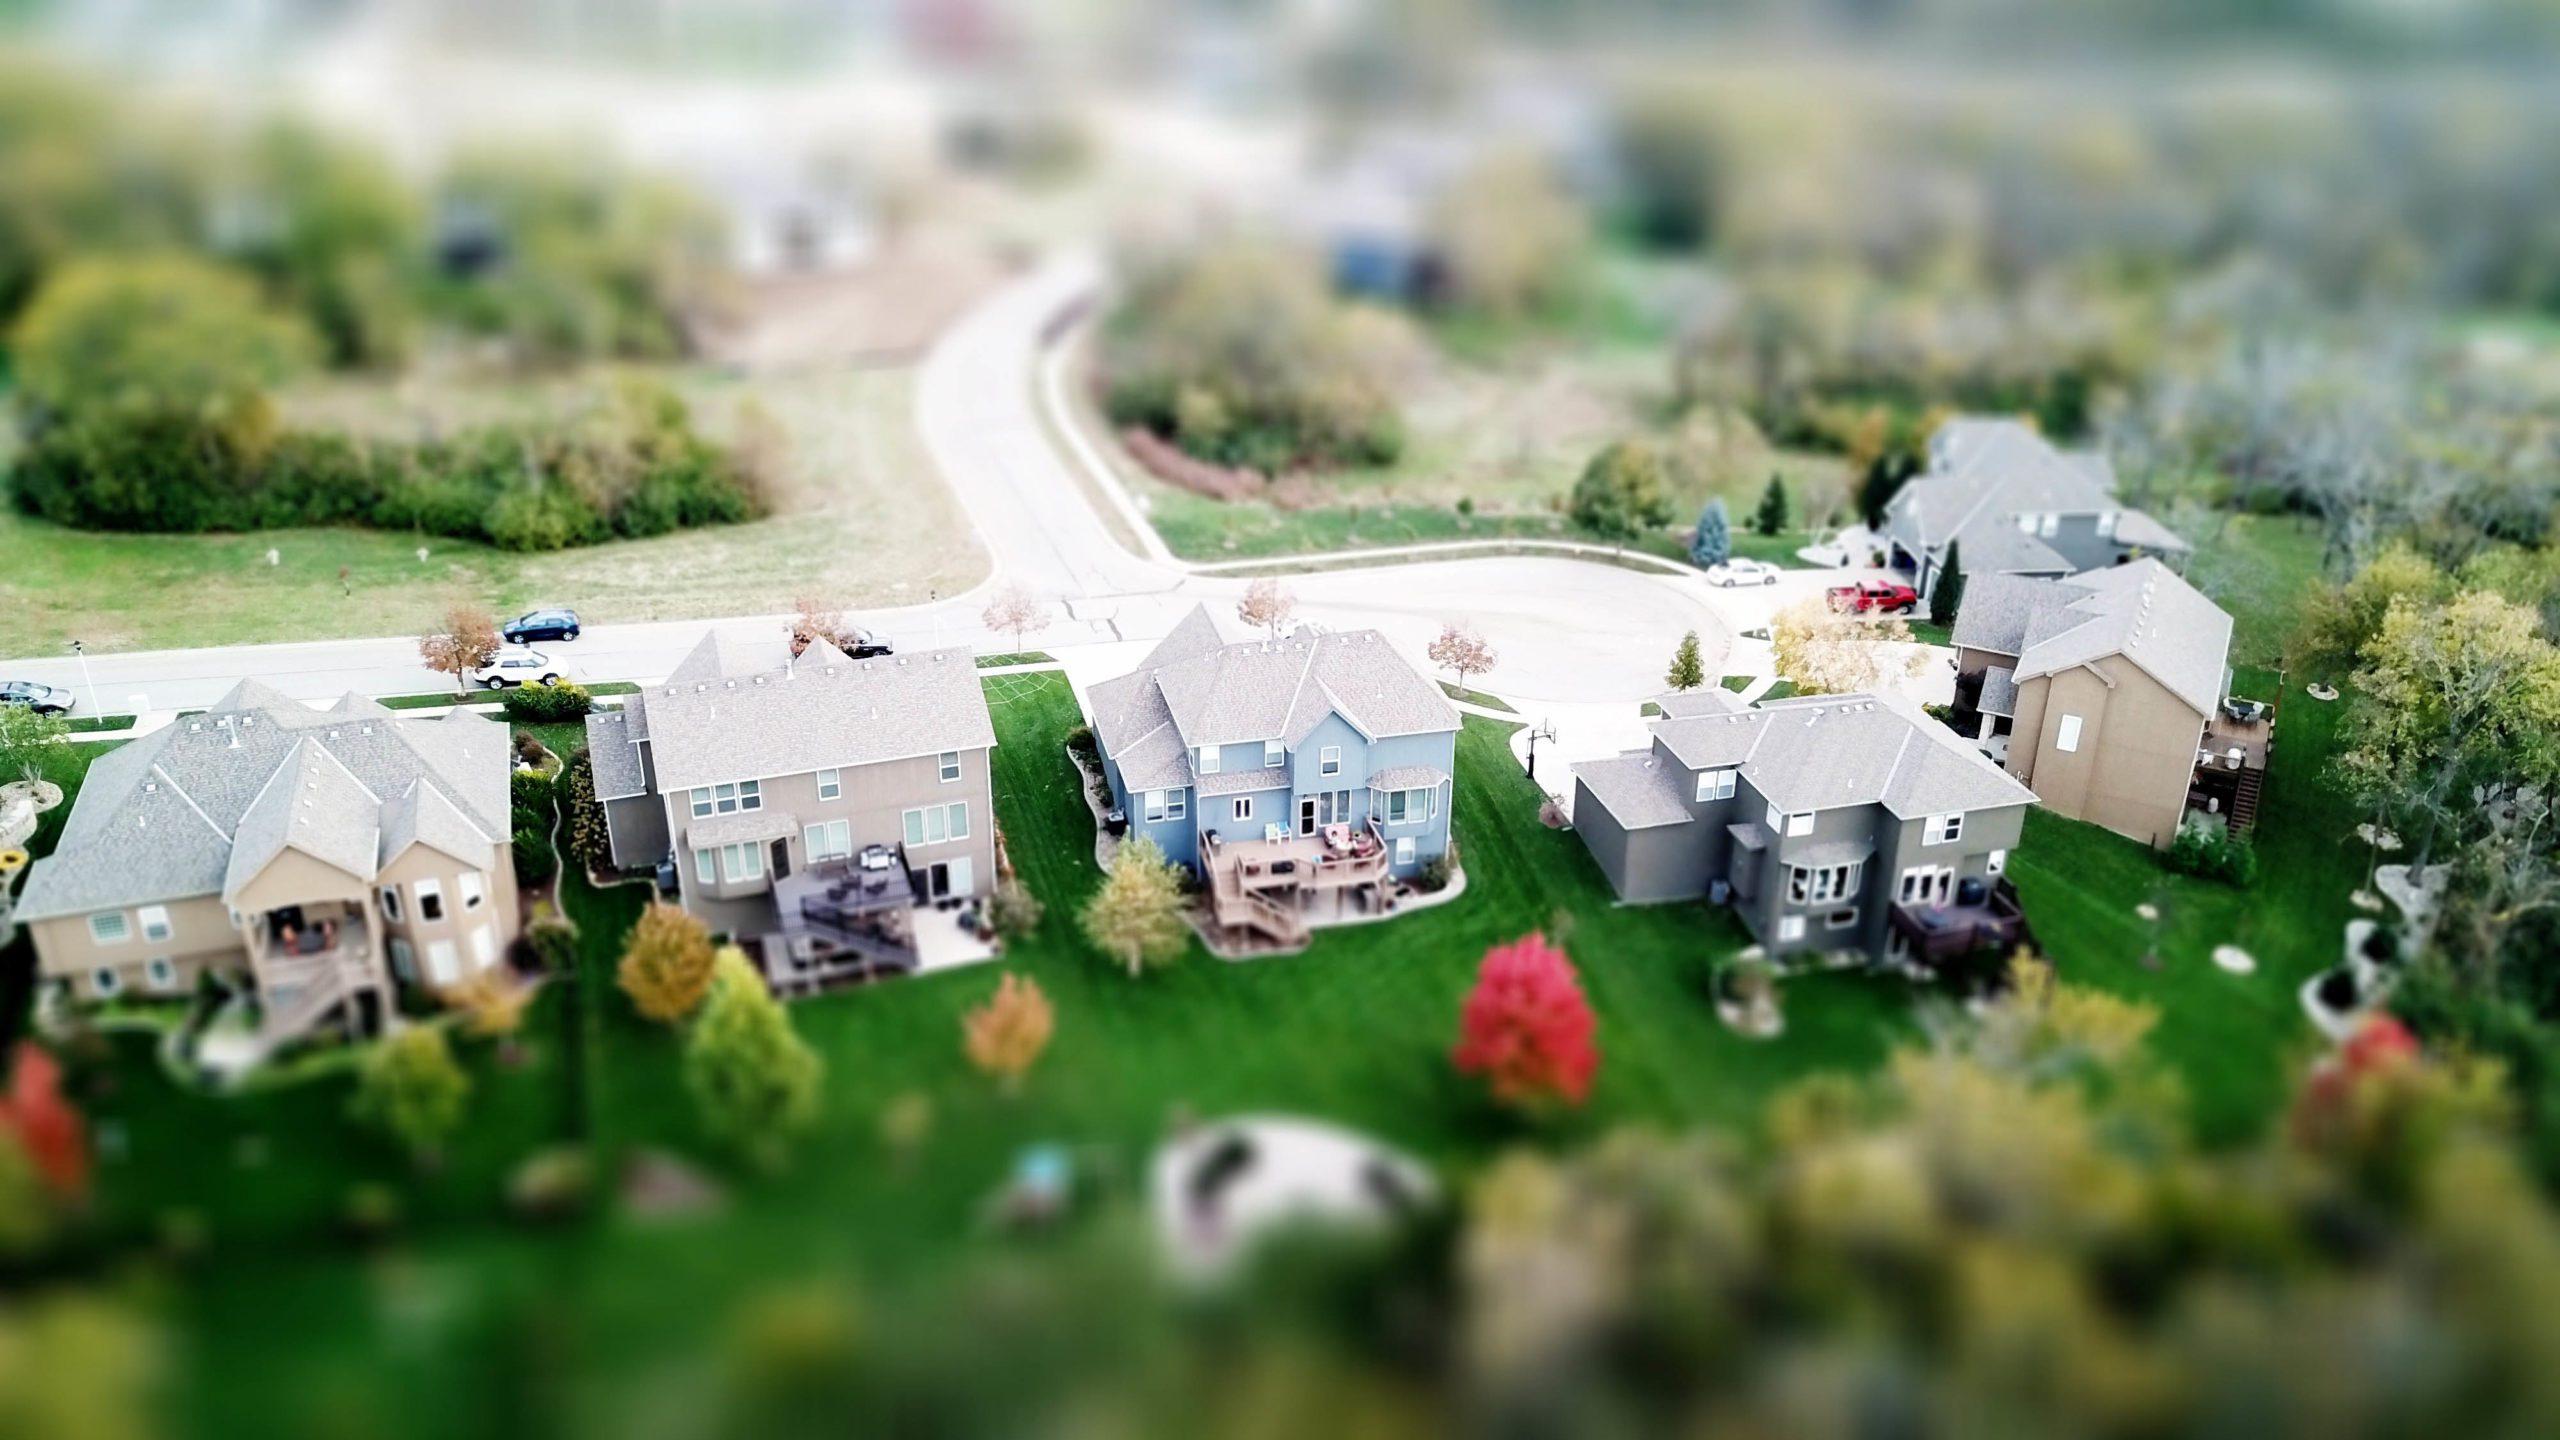 real estate tiltshift blog 01 scaled business photography Real estate photography made easy